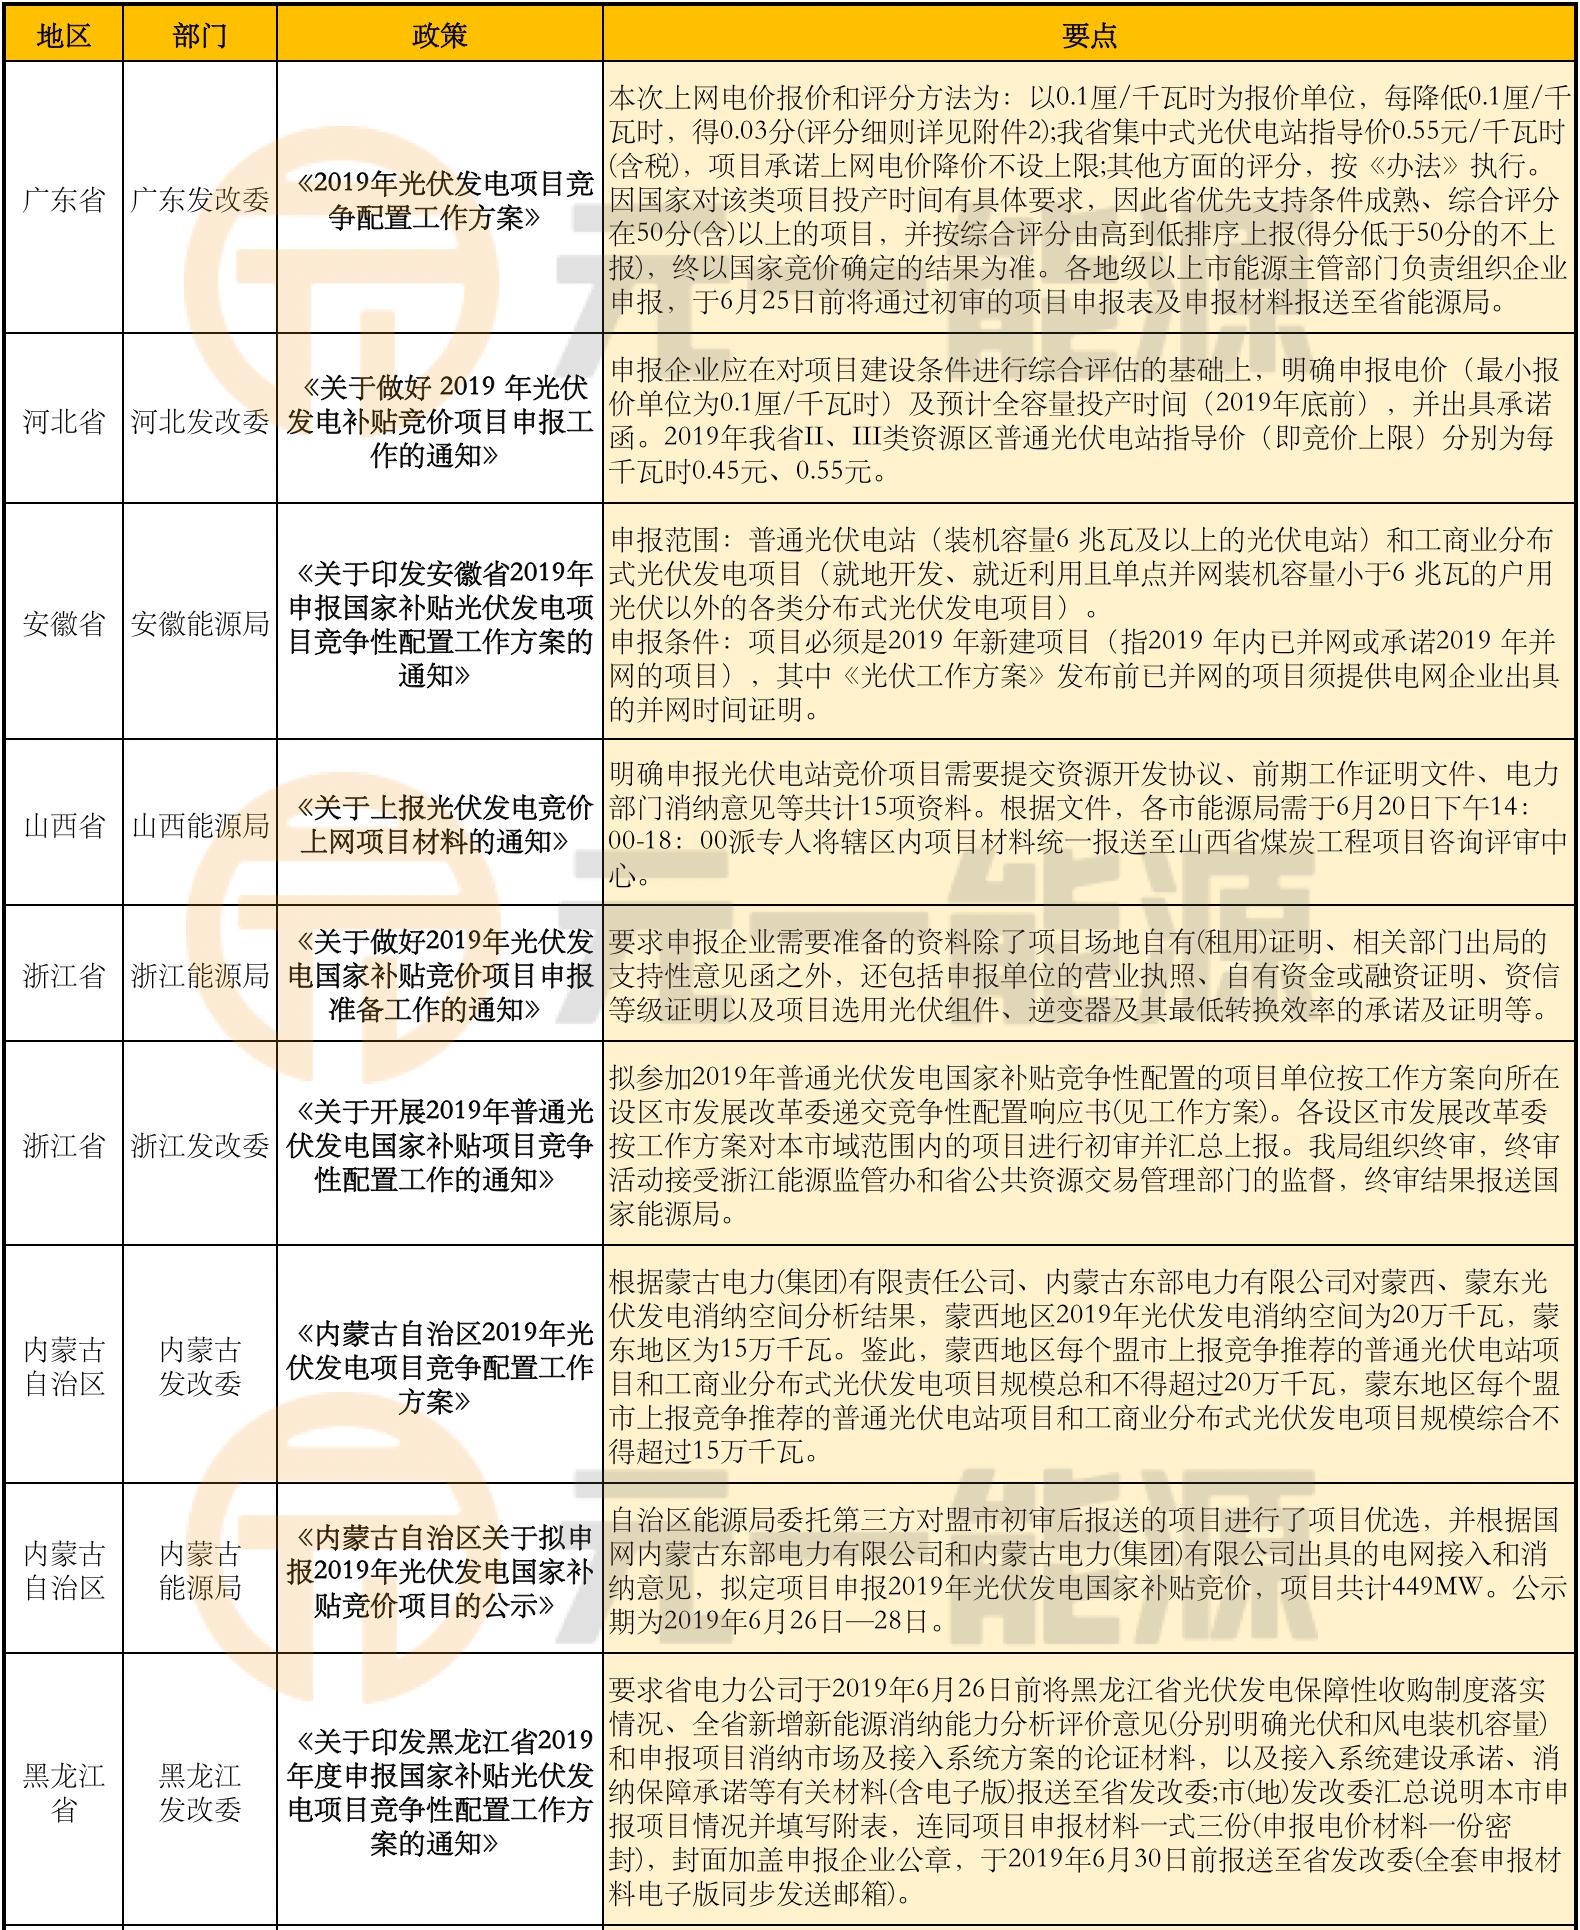 jingjia1